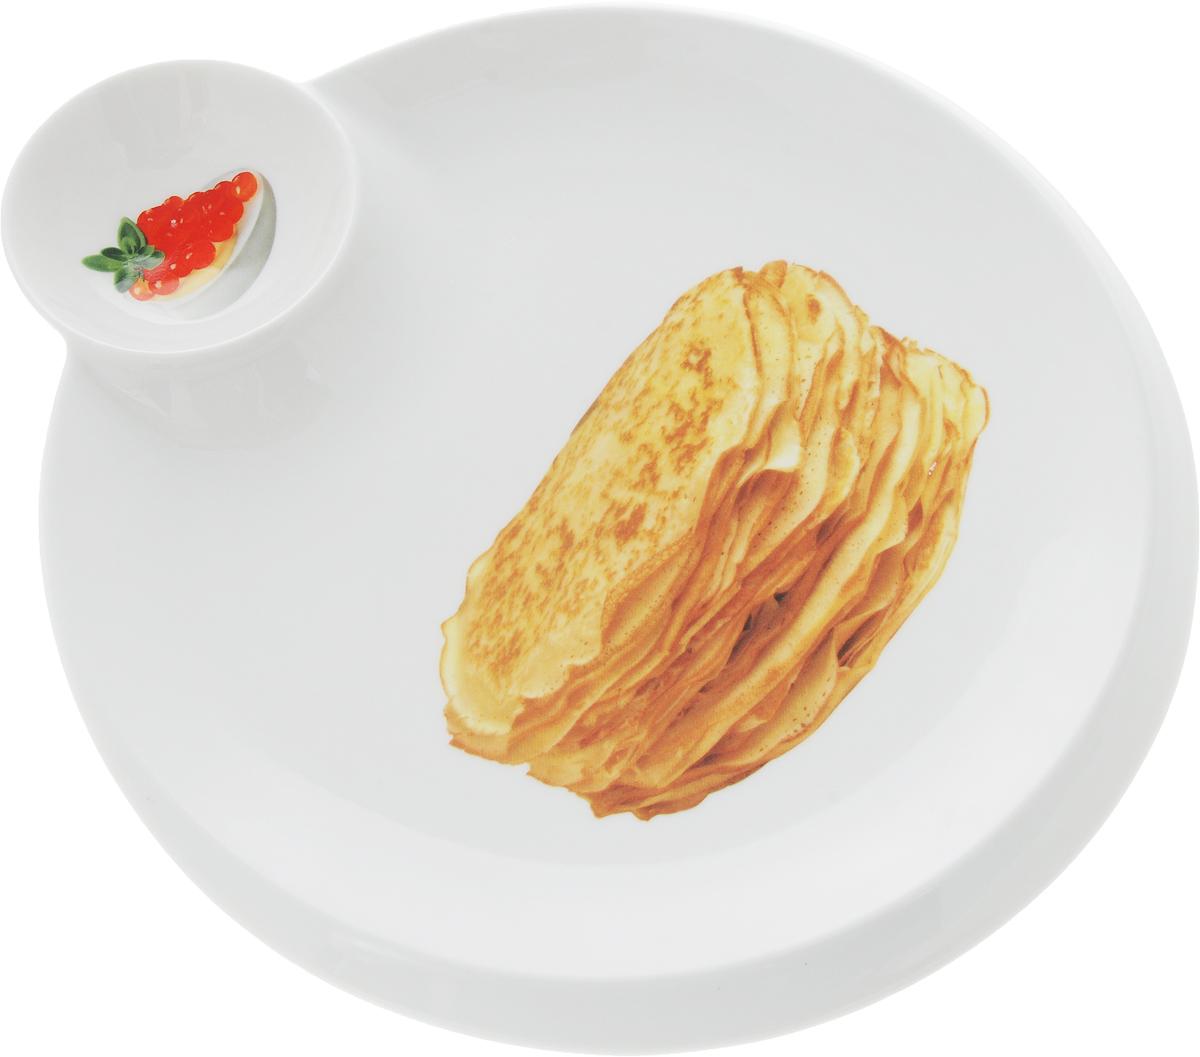 Тарелка для блинов Elan Gallery Блины, с соусницей, диаметр: 20 см101105Тарелка для блинов с декором позволит красиво подать блины. Легко моется, можно использовать в микроволновой печи.Изделие имеет подарочную упаковку, поэтому станет желанным подарком для Ваших близких!Размер тарелки: 27,5 х 25 х 2,5 см.